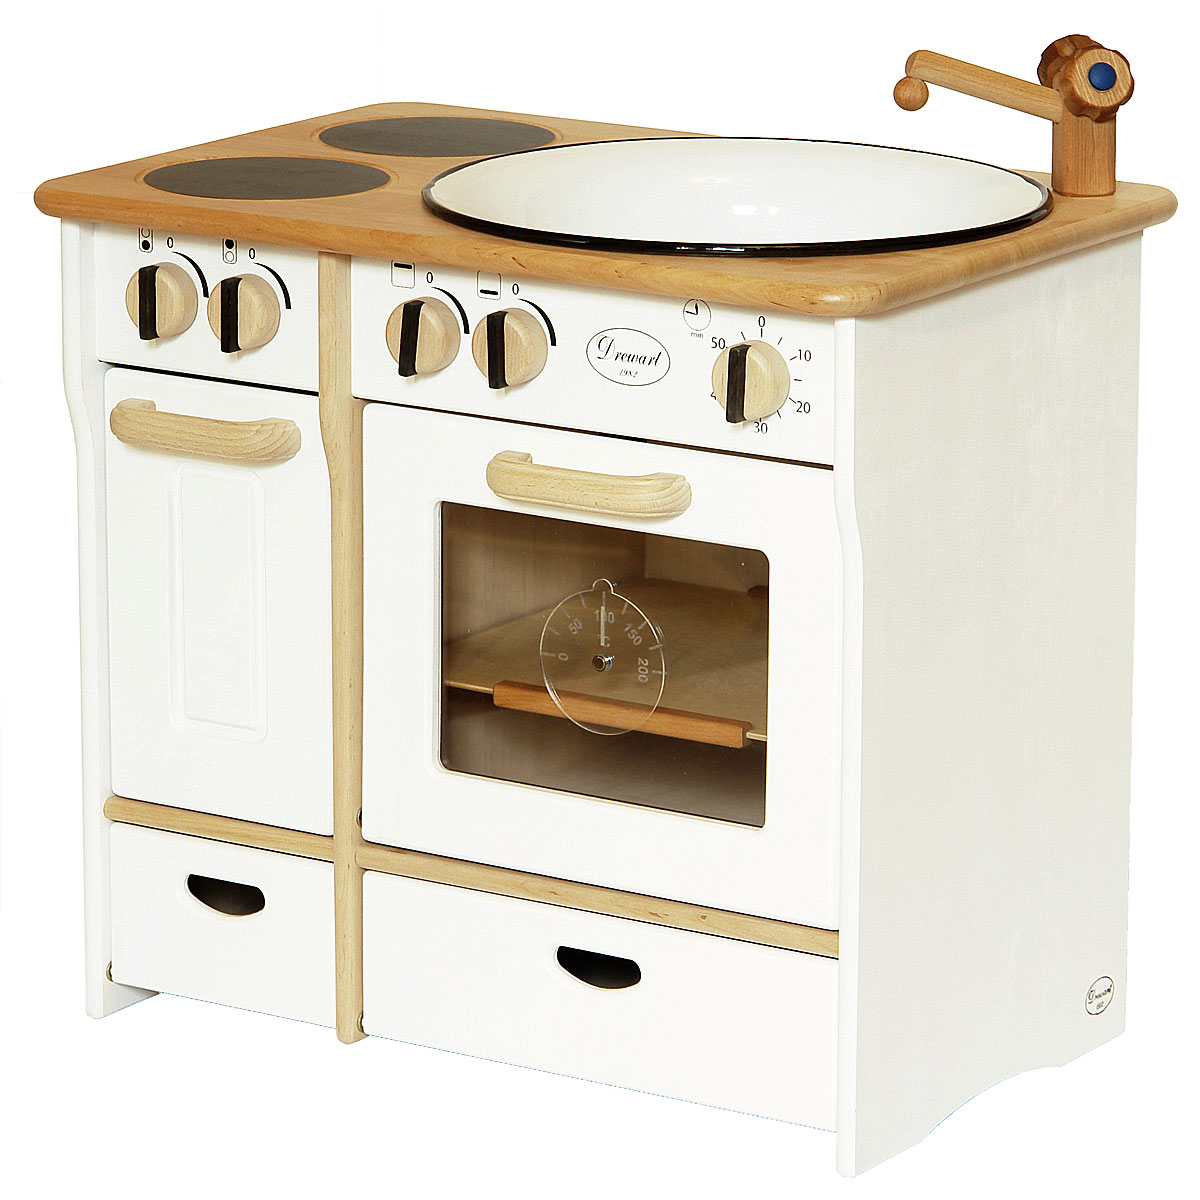 Drewart cucina di legno bianco giocattoli di legno pirum - Cucina legno bianco ...